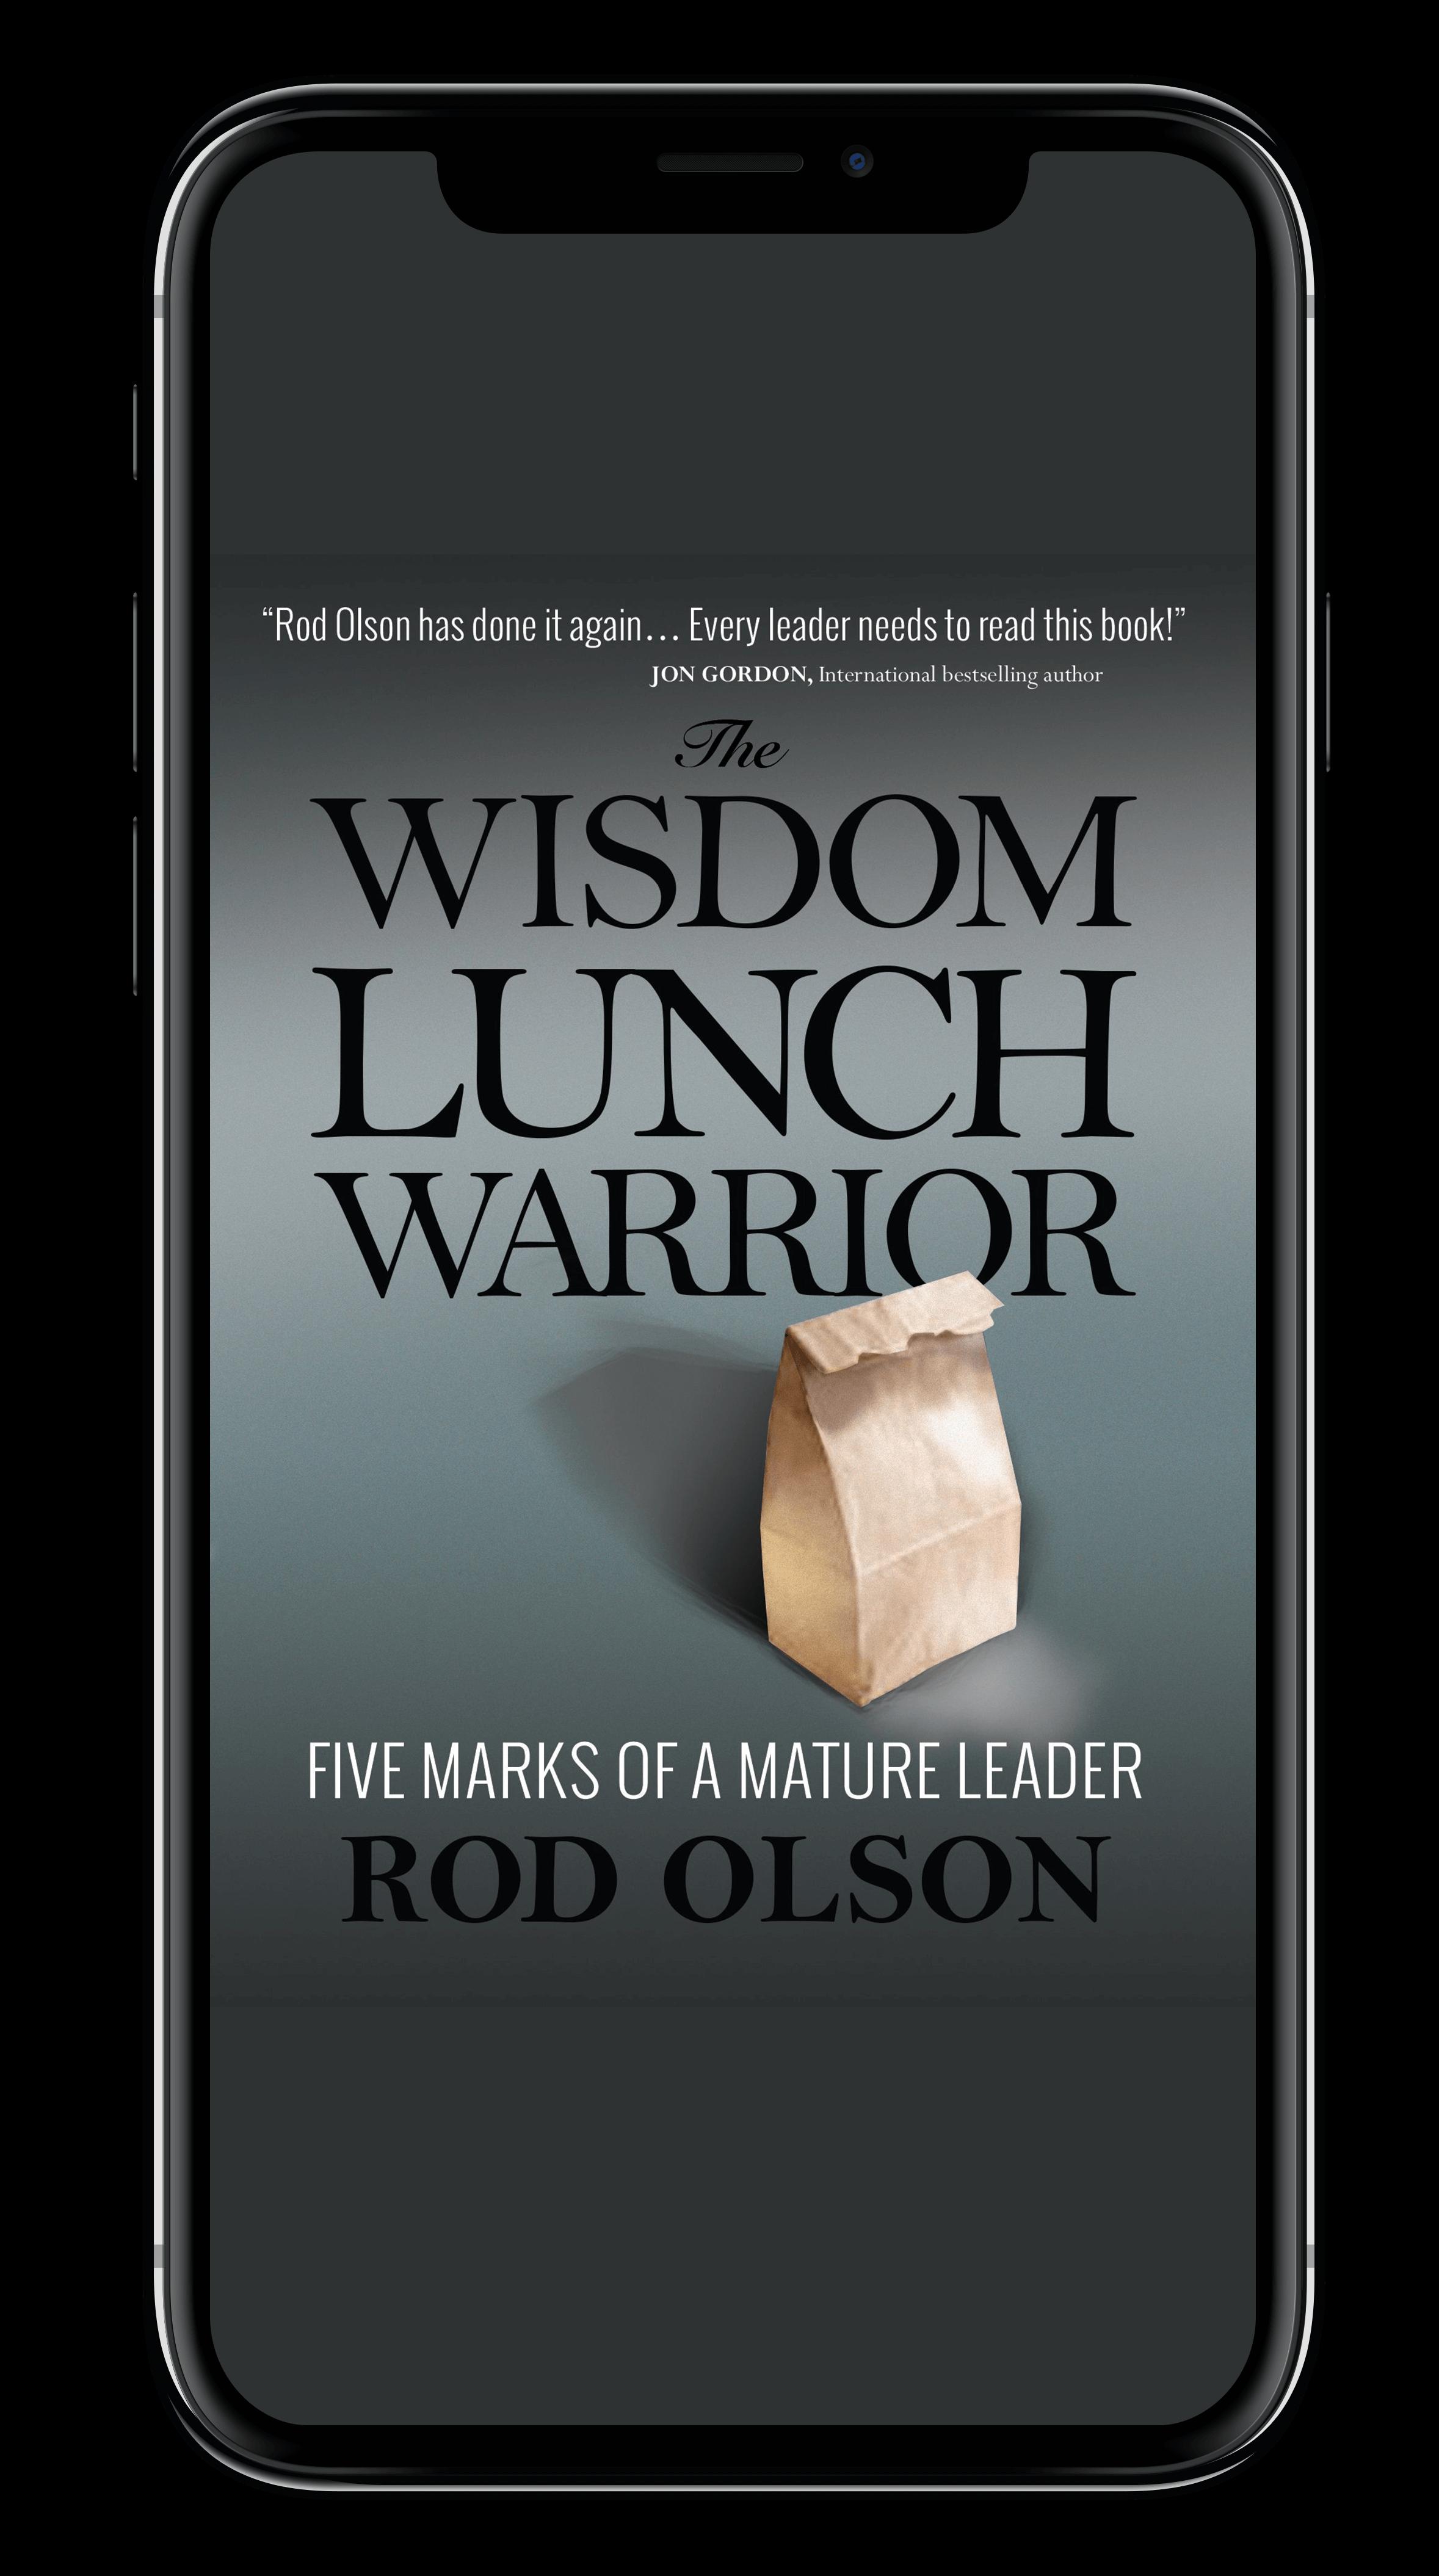 The Wisdom Lunch Warrior - Rod Olson